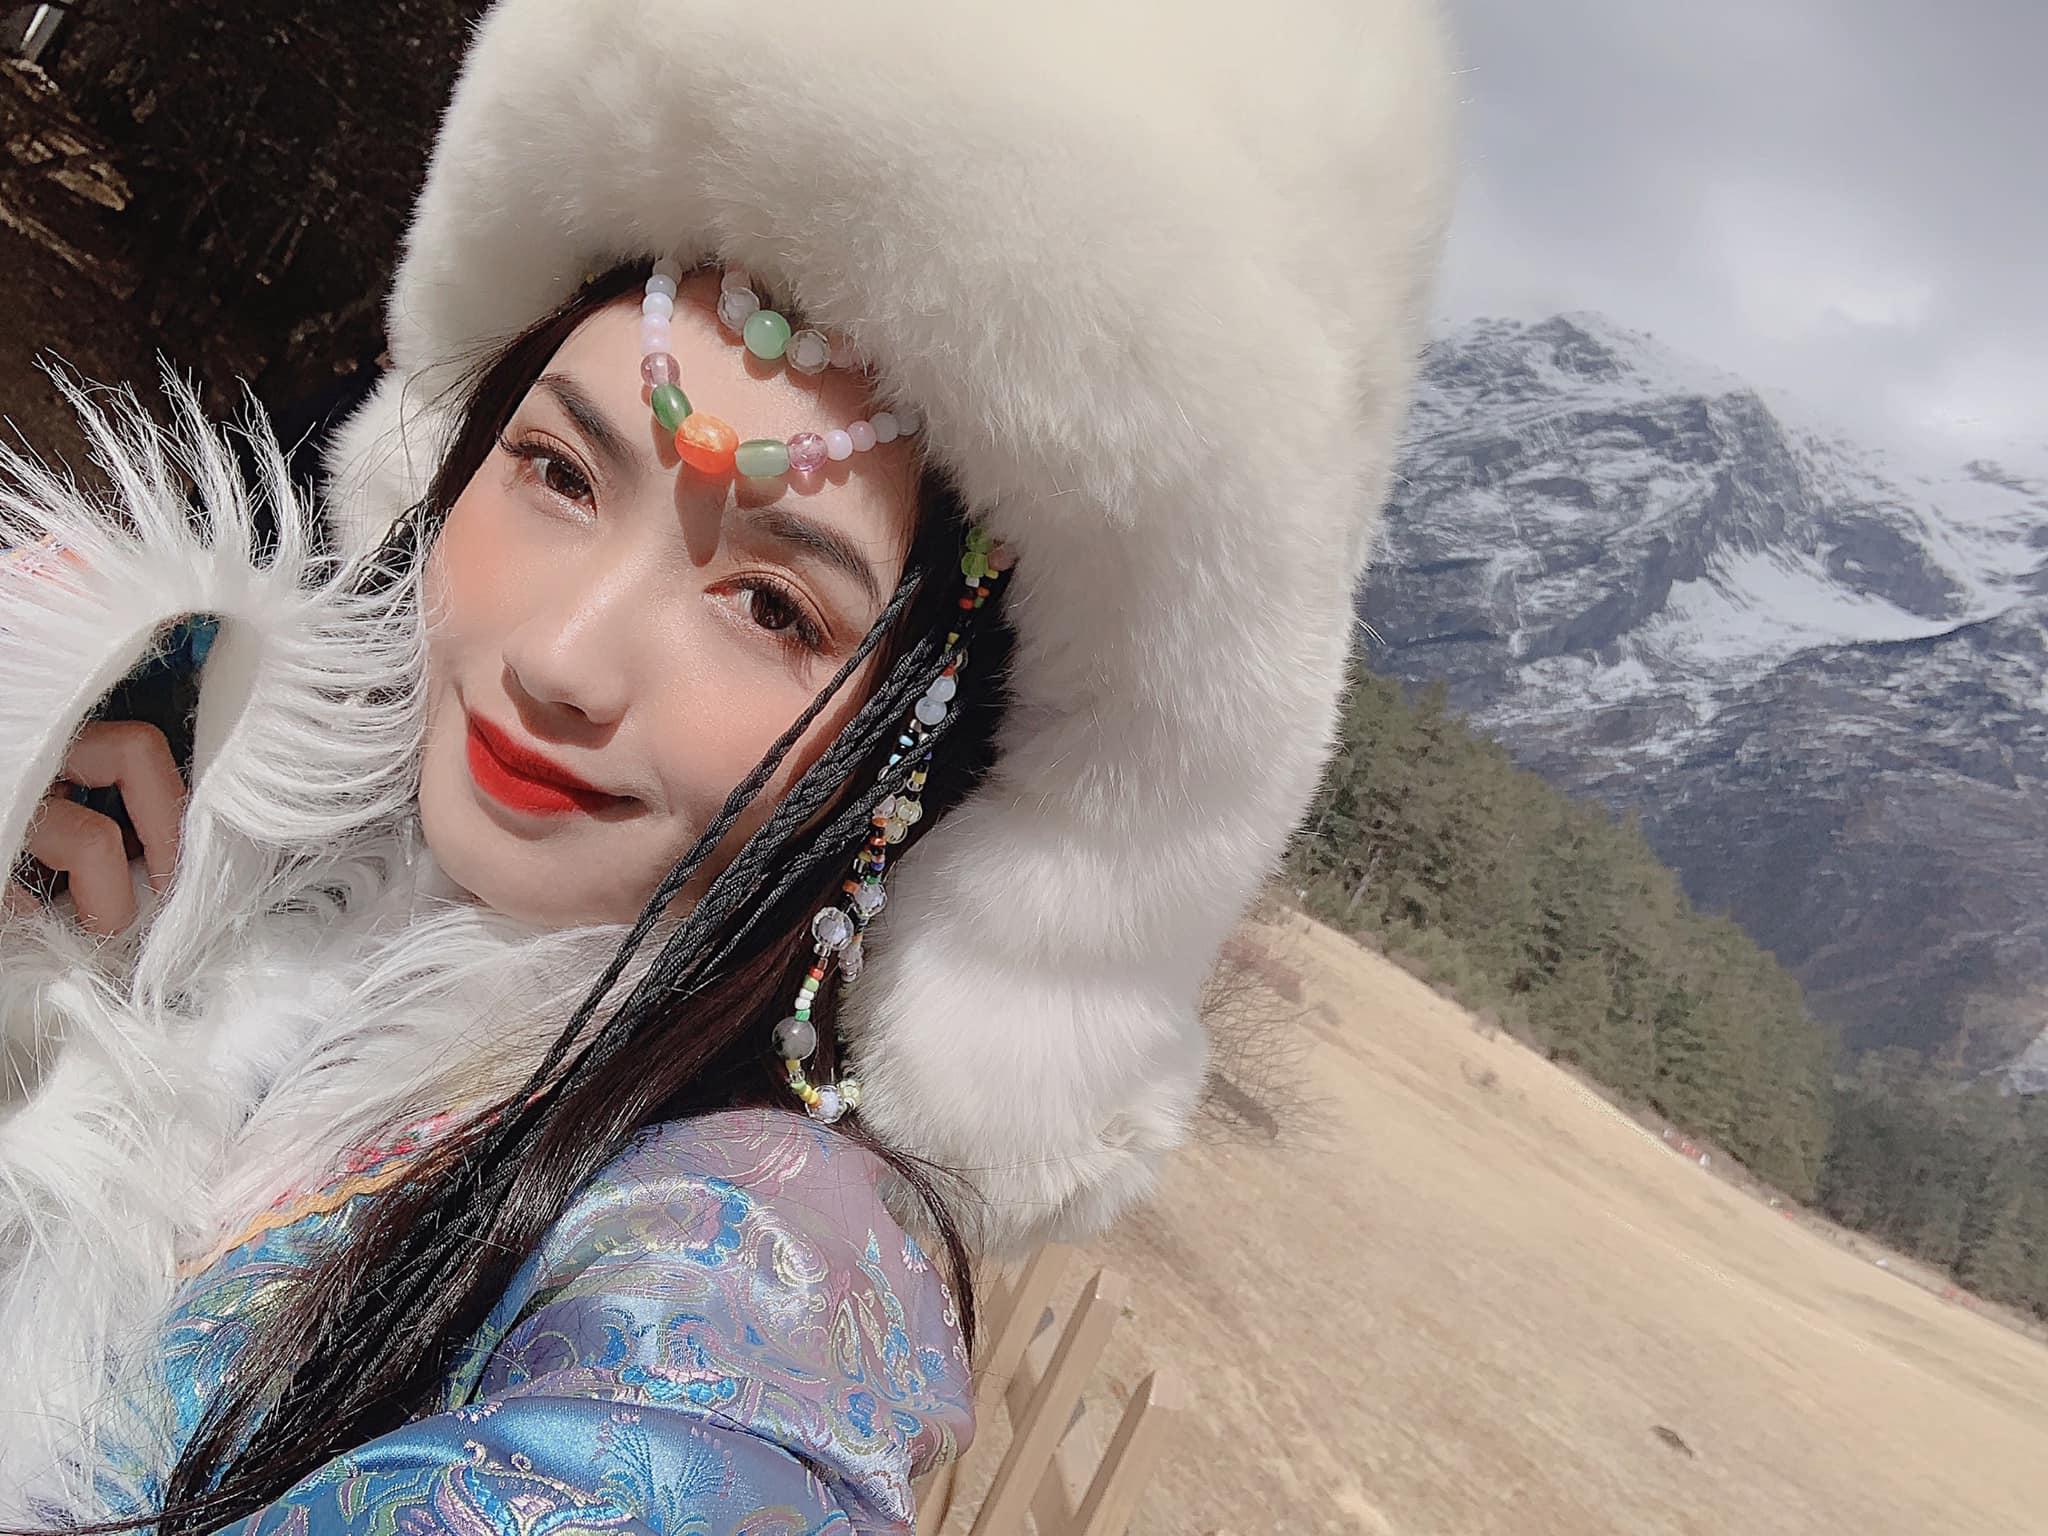 Trung Quốc. ravelholic Lý Anh Thư, dulichchat, du lịch chất, blog du lịch, tuân cuồng chân blogger